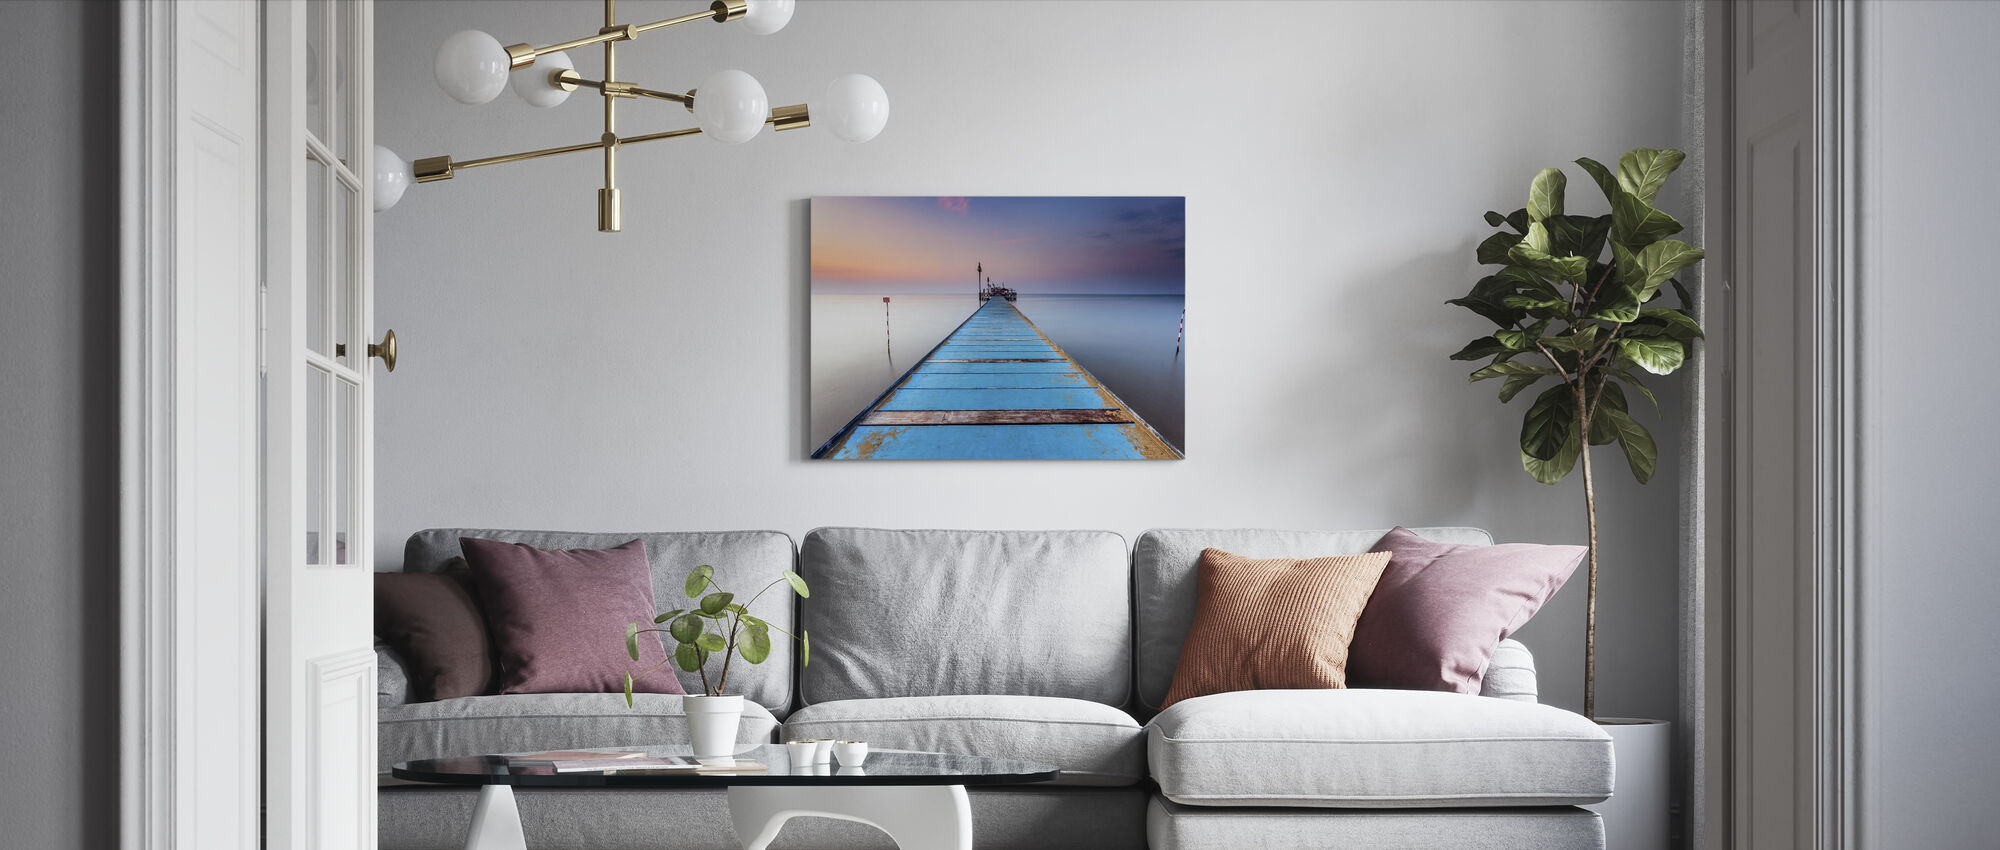 Sininen puinen laituri - Canvastaulu - Olohuone